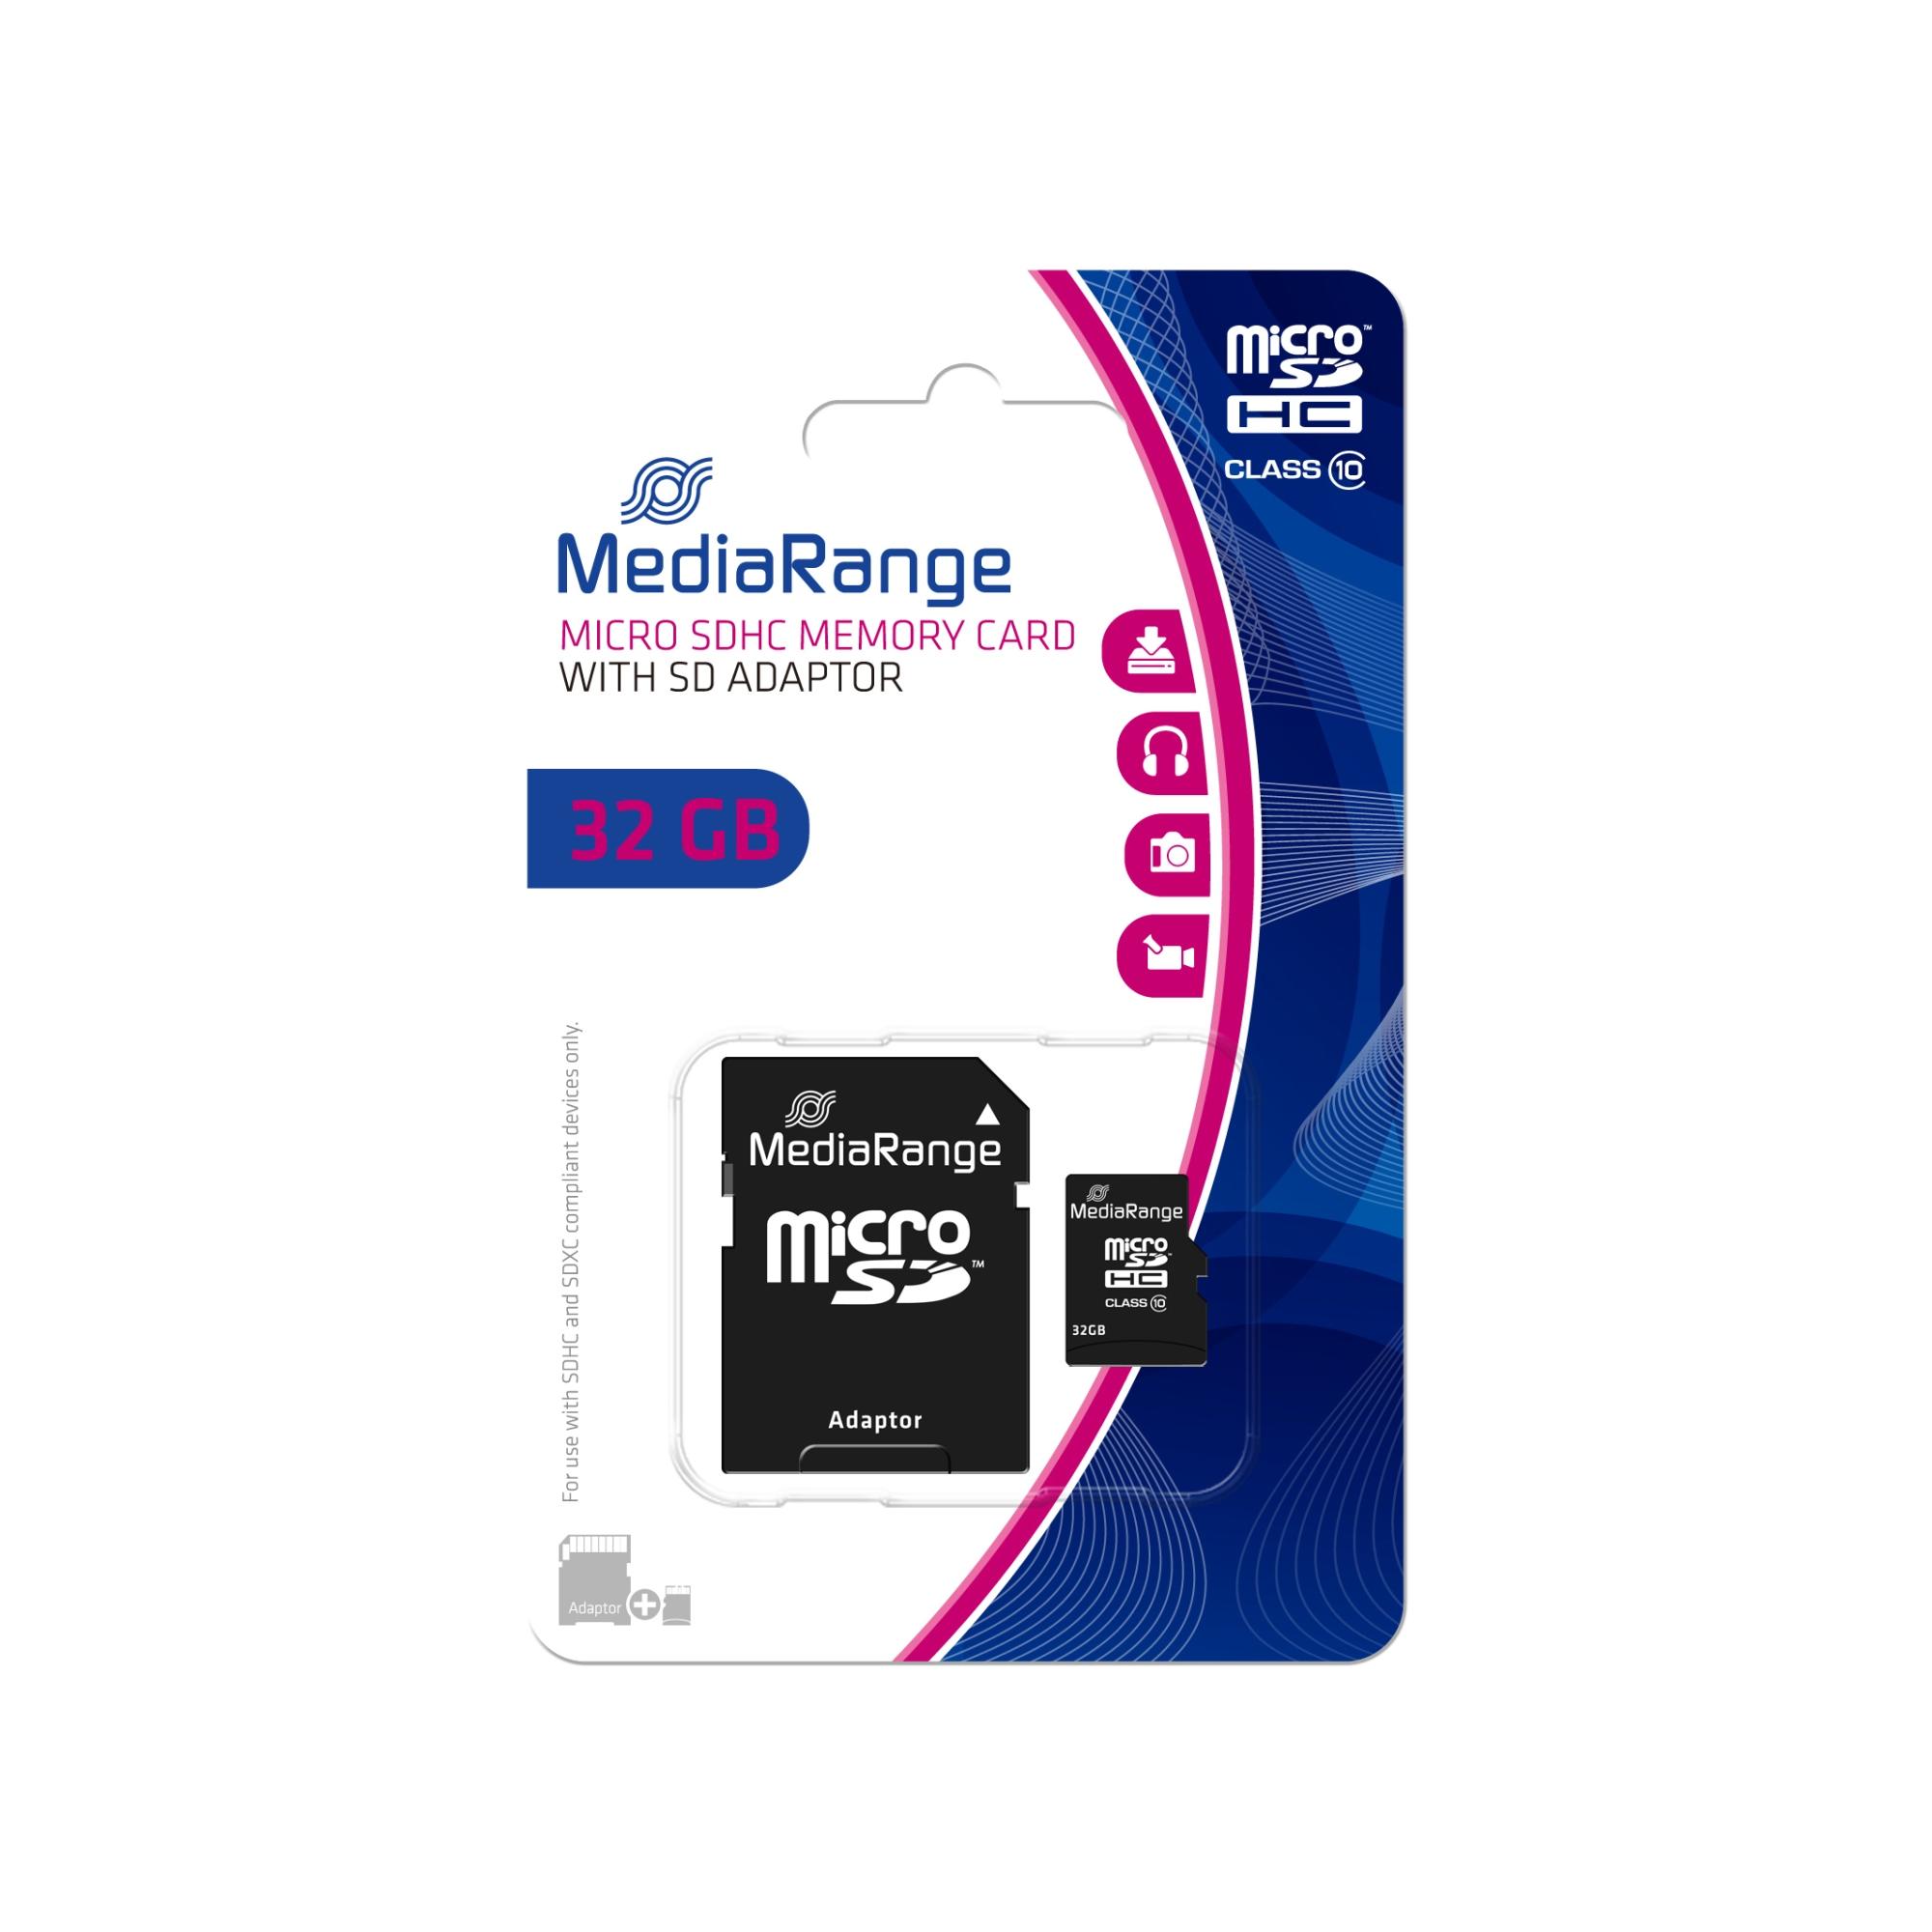 32GB MICROSDHC MEMORIA FLASH CLASE 10